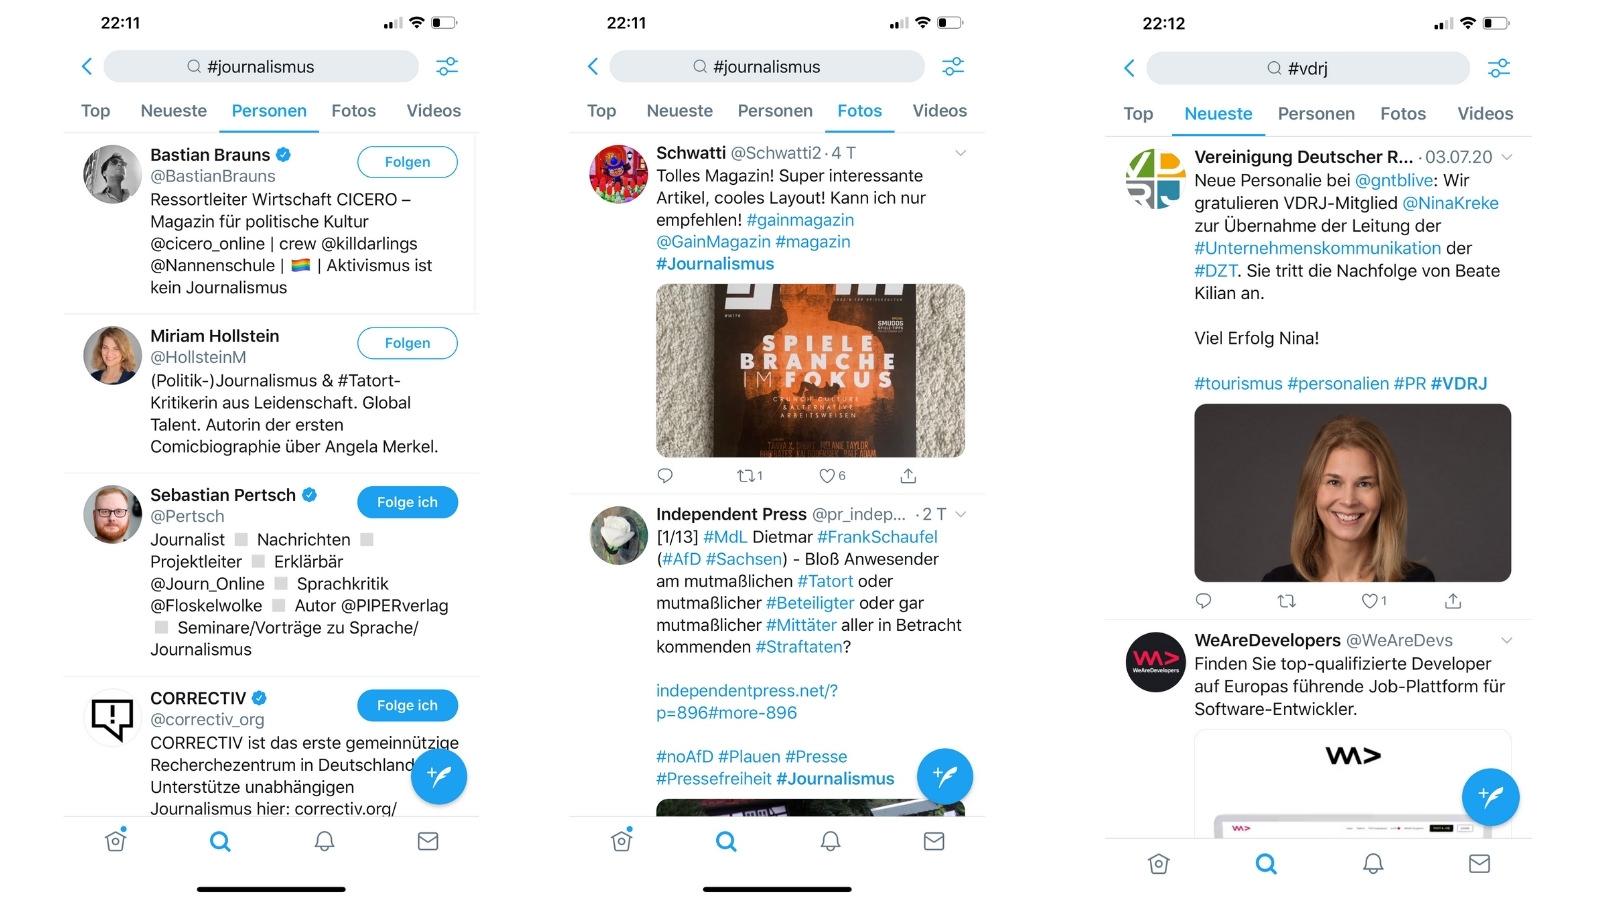 """Sucht man auf Twitter einen Hashtag, z. B. #Journalismus, erscheinen unter """"Top"""" die Ergebnisse mit den meisten Gefällt-mir-Angaben oder Retweets. Unter """"Neuste"""", wie der Name schon sagt, die neusten Tweets mit diesem Hashtag. Die Ergebnisse in """"Personen"""" zeigen die Accounts, die den Hashtag in der Profilbeschreibung nutzen und in """"Fotos und Videos"""" die beliebtesten Bilder und Videos. (Screenshots: Valerie Wagner)"""